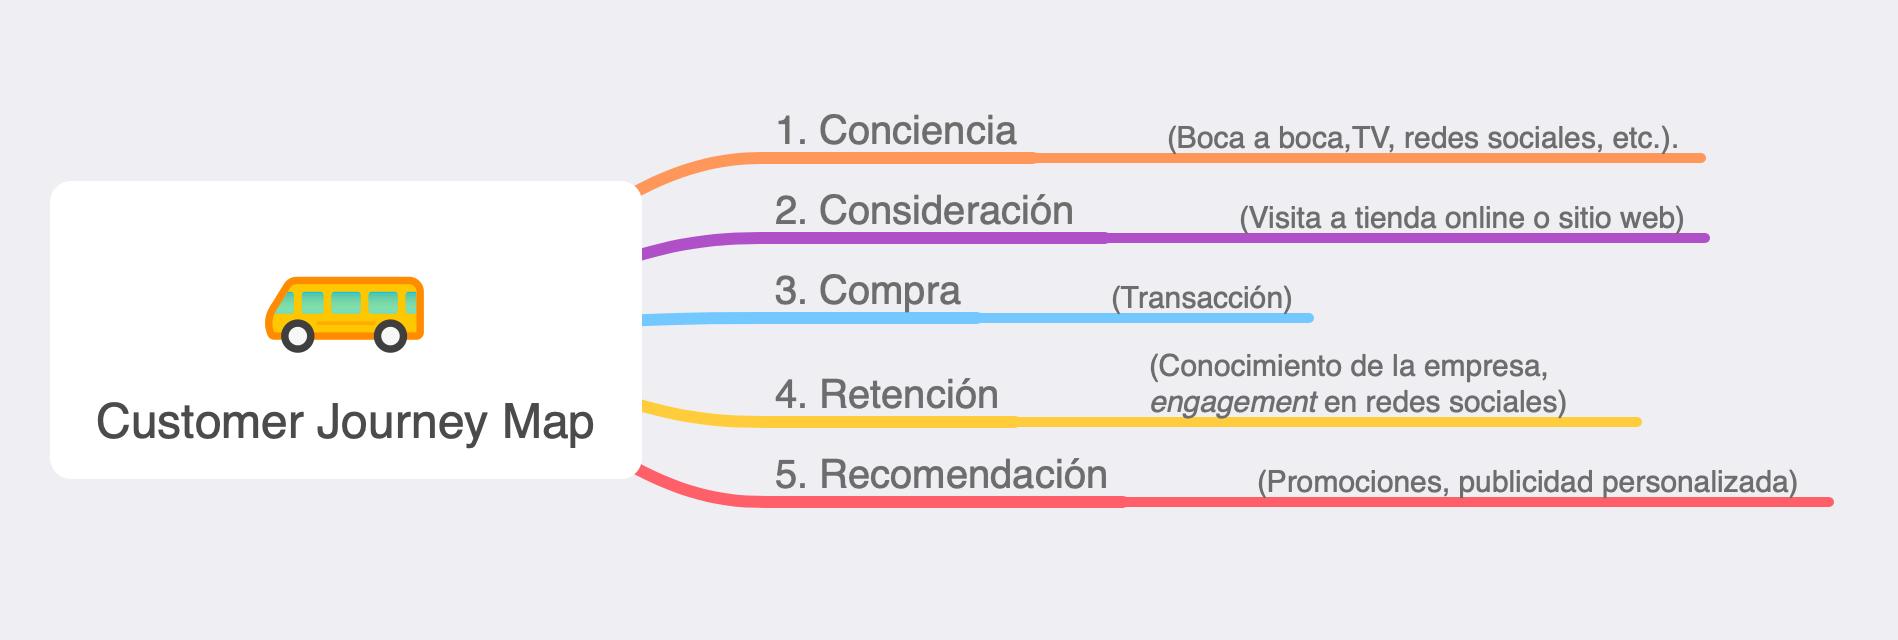 ejemplo de customer journey map